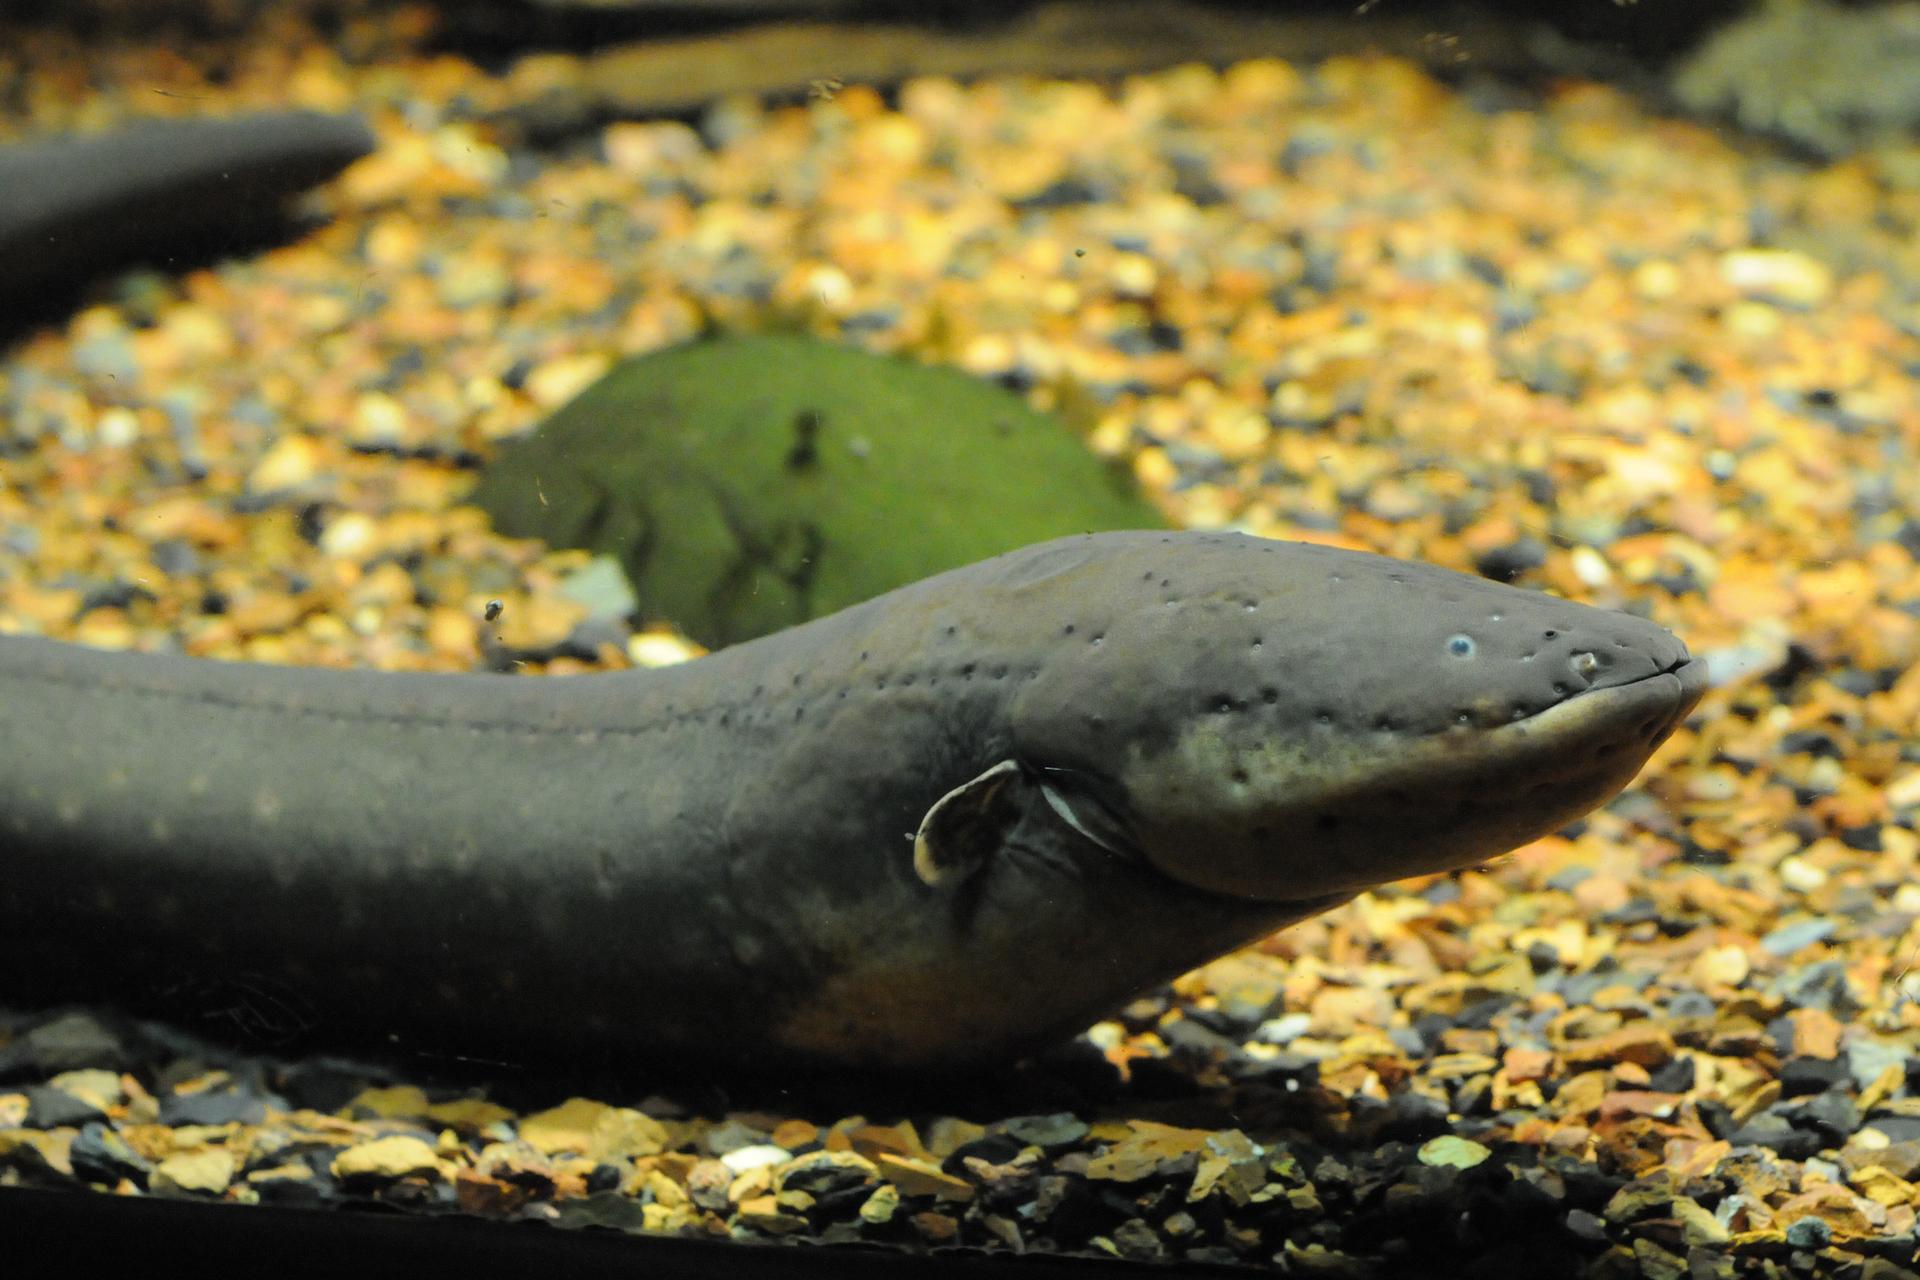 Zdjęcie przedstawiające węgorza elektrycznego. Zwierzę ma ciało wąskie, długie iwalcowate. Głowa jest szeroka. Oczy małe. Na ciele widoczne drobne wgłębienia. Ciało jest szare, na spodzie żółte.